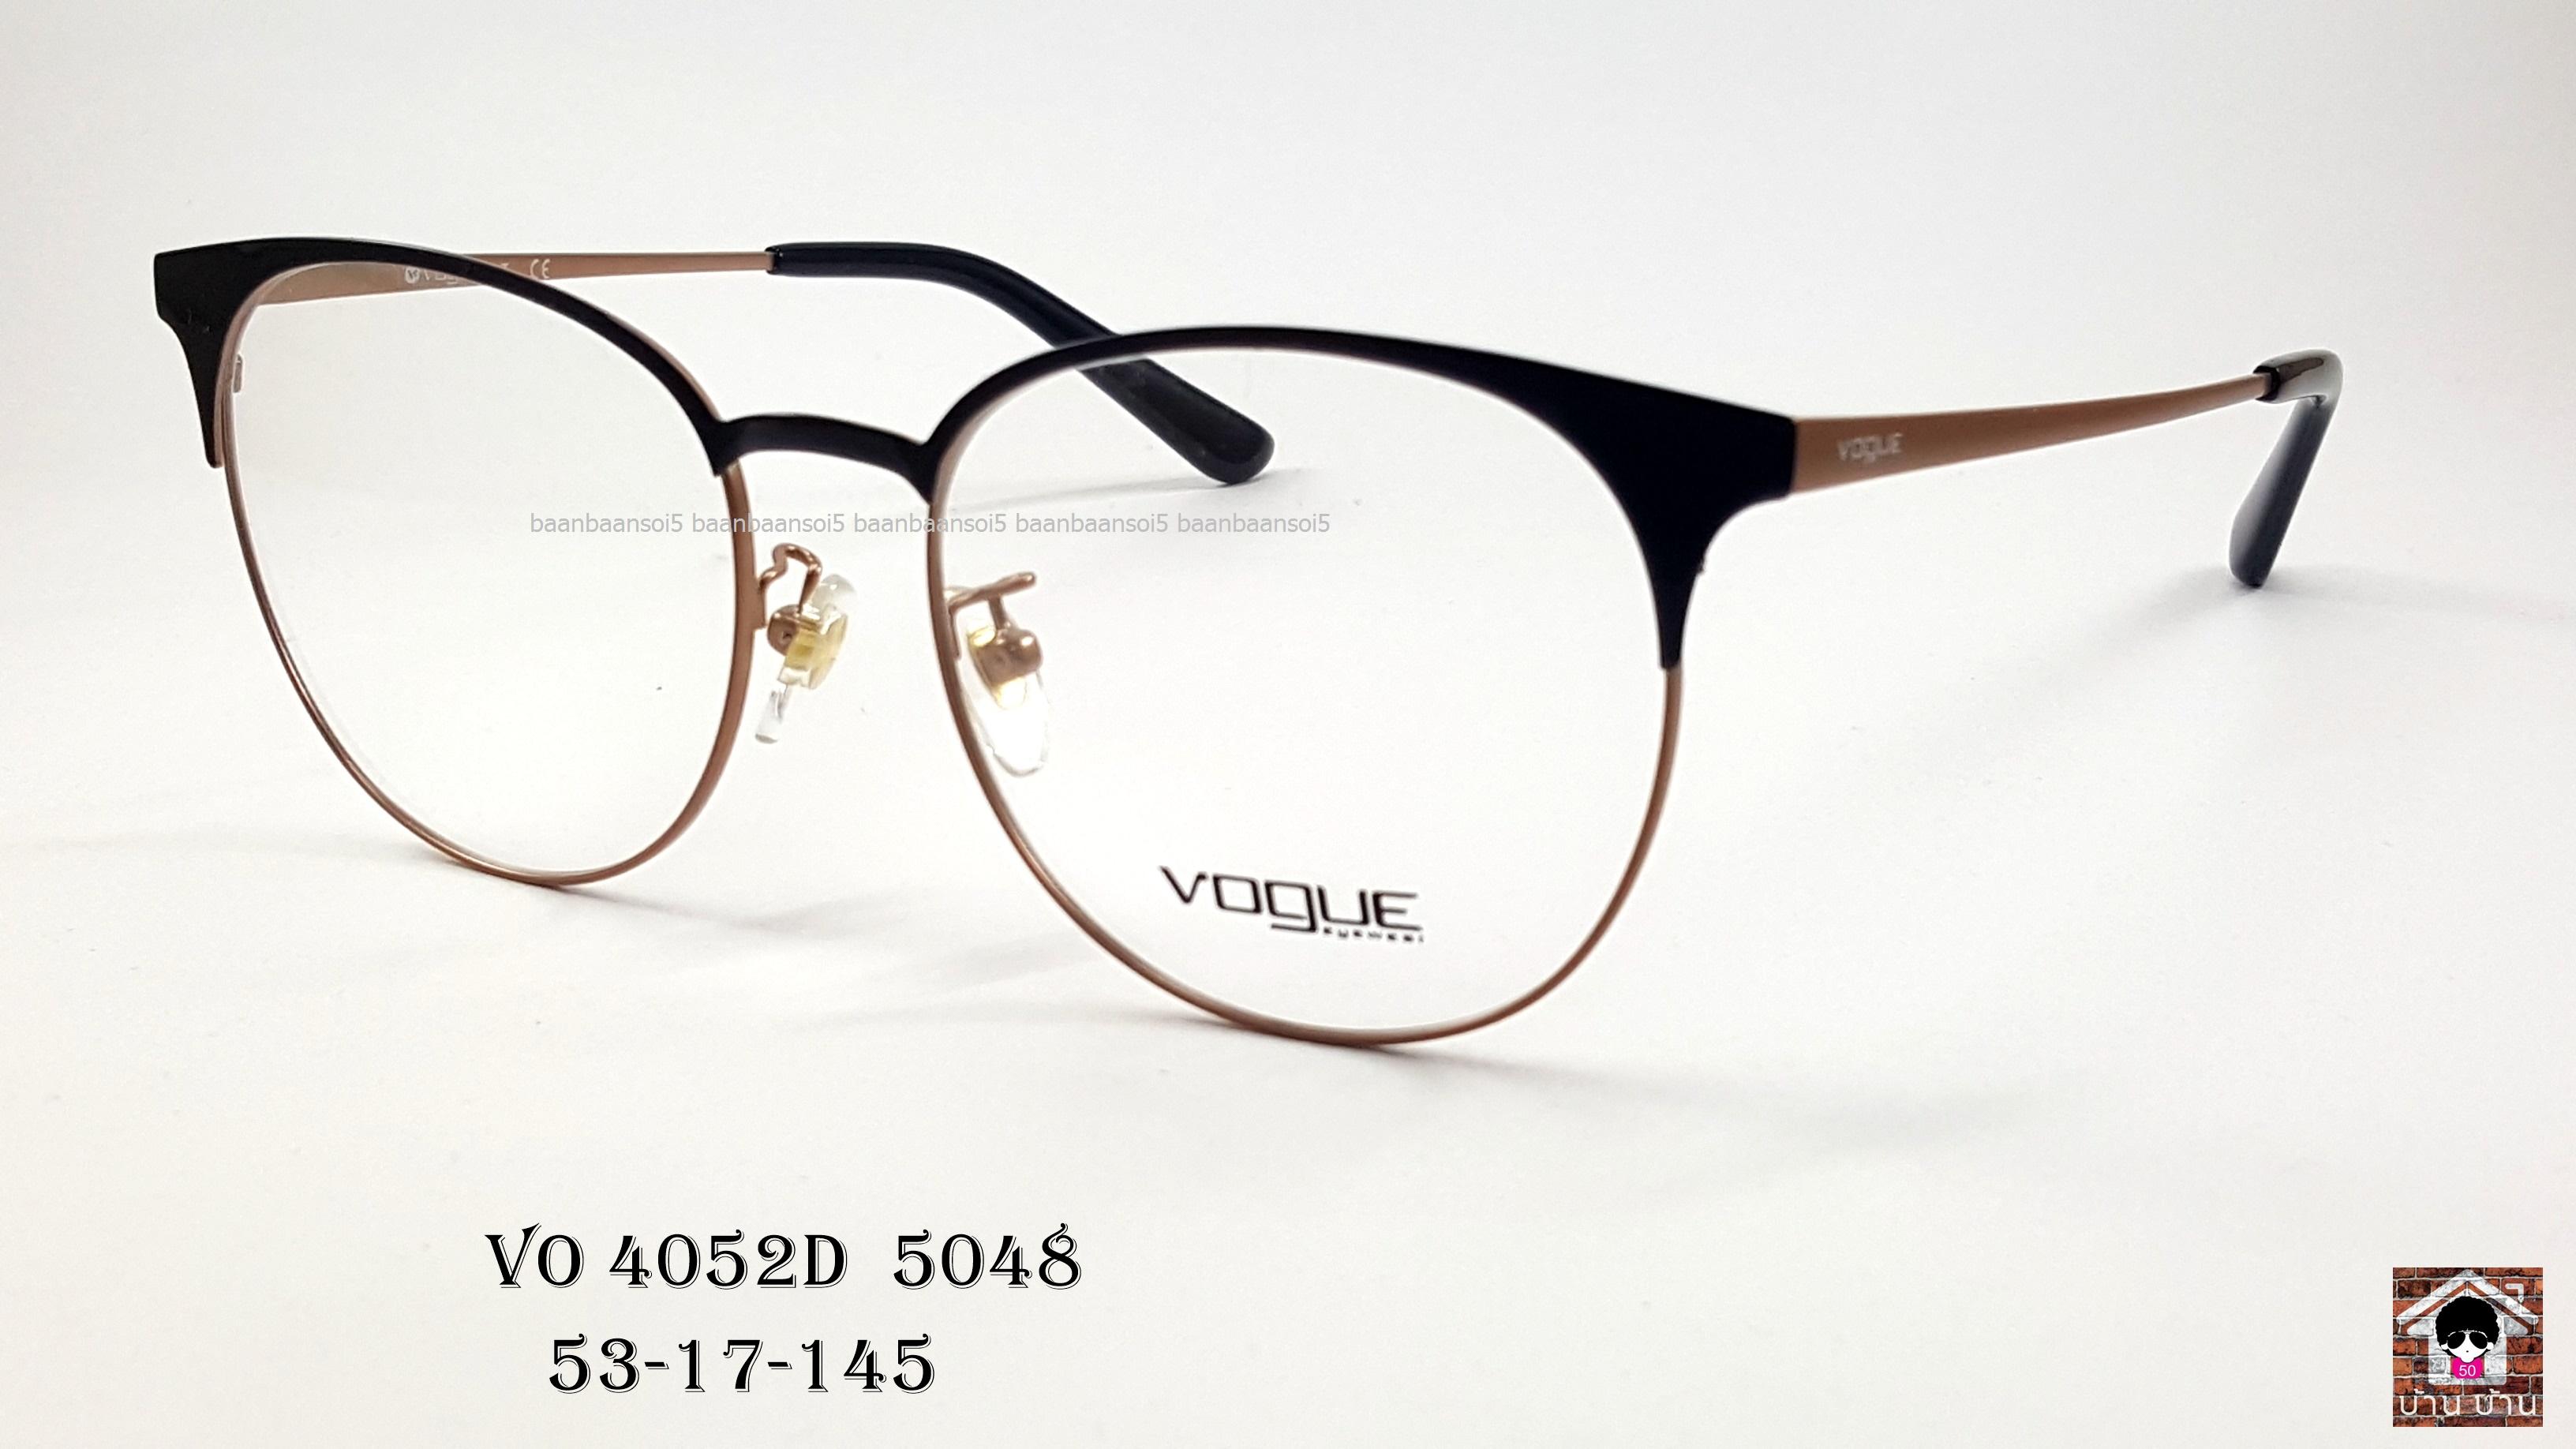 Vogue vo 4052D 5048 โปรโมชั่น กรอบแว่นตาพร้อมเลนส์ HOYA ราคา 2,900 บาท